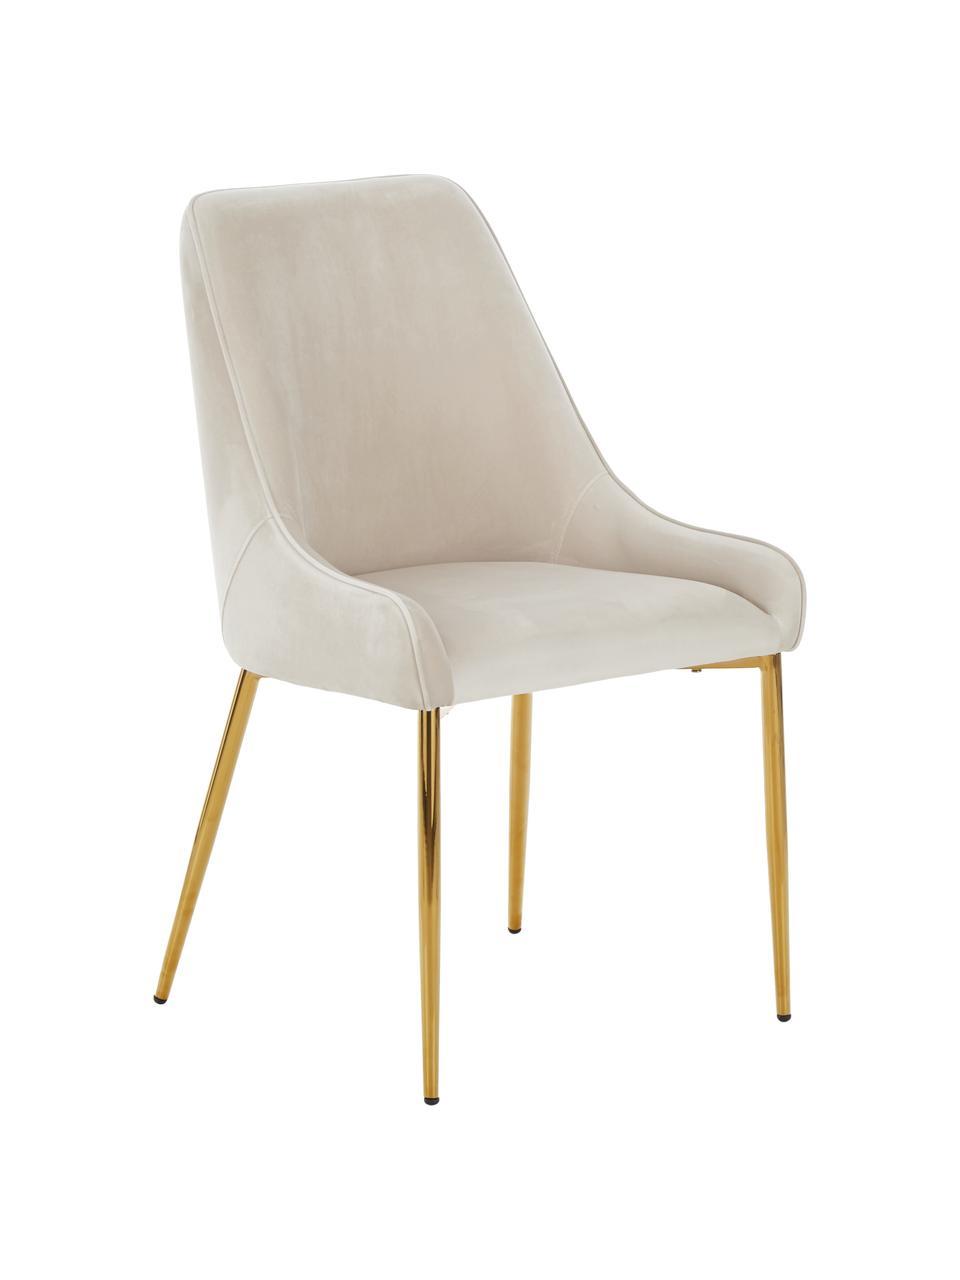 Sedia in velluto beige Ava, Rivestimento: velluto (100% poliestere), Gambe: metallo zincato, Velluto beige, Larg. 53 x Prof. 60 cm